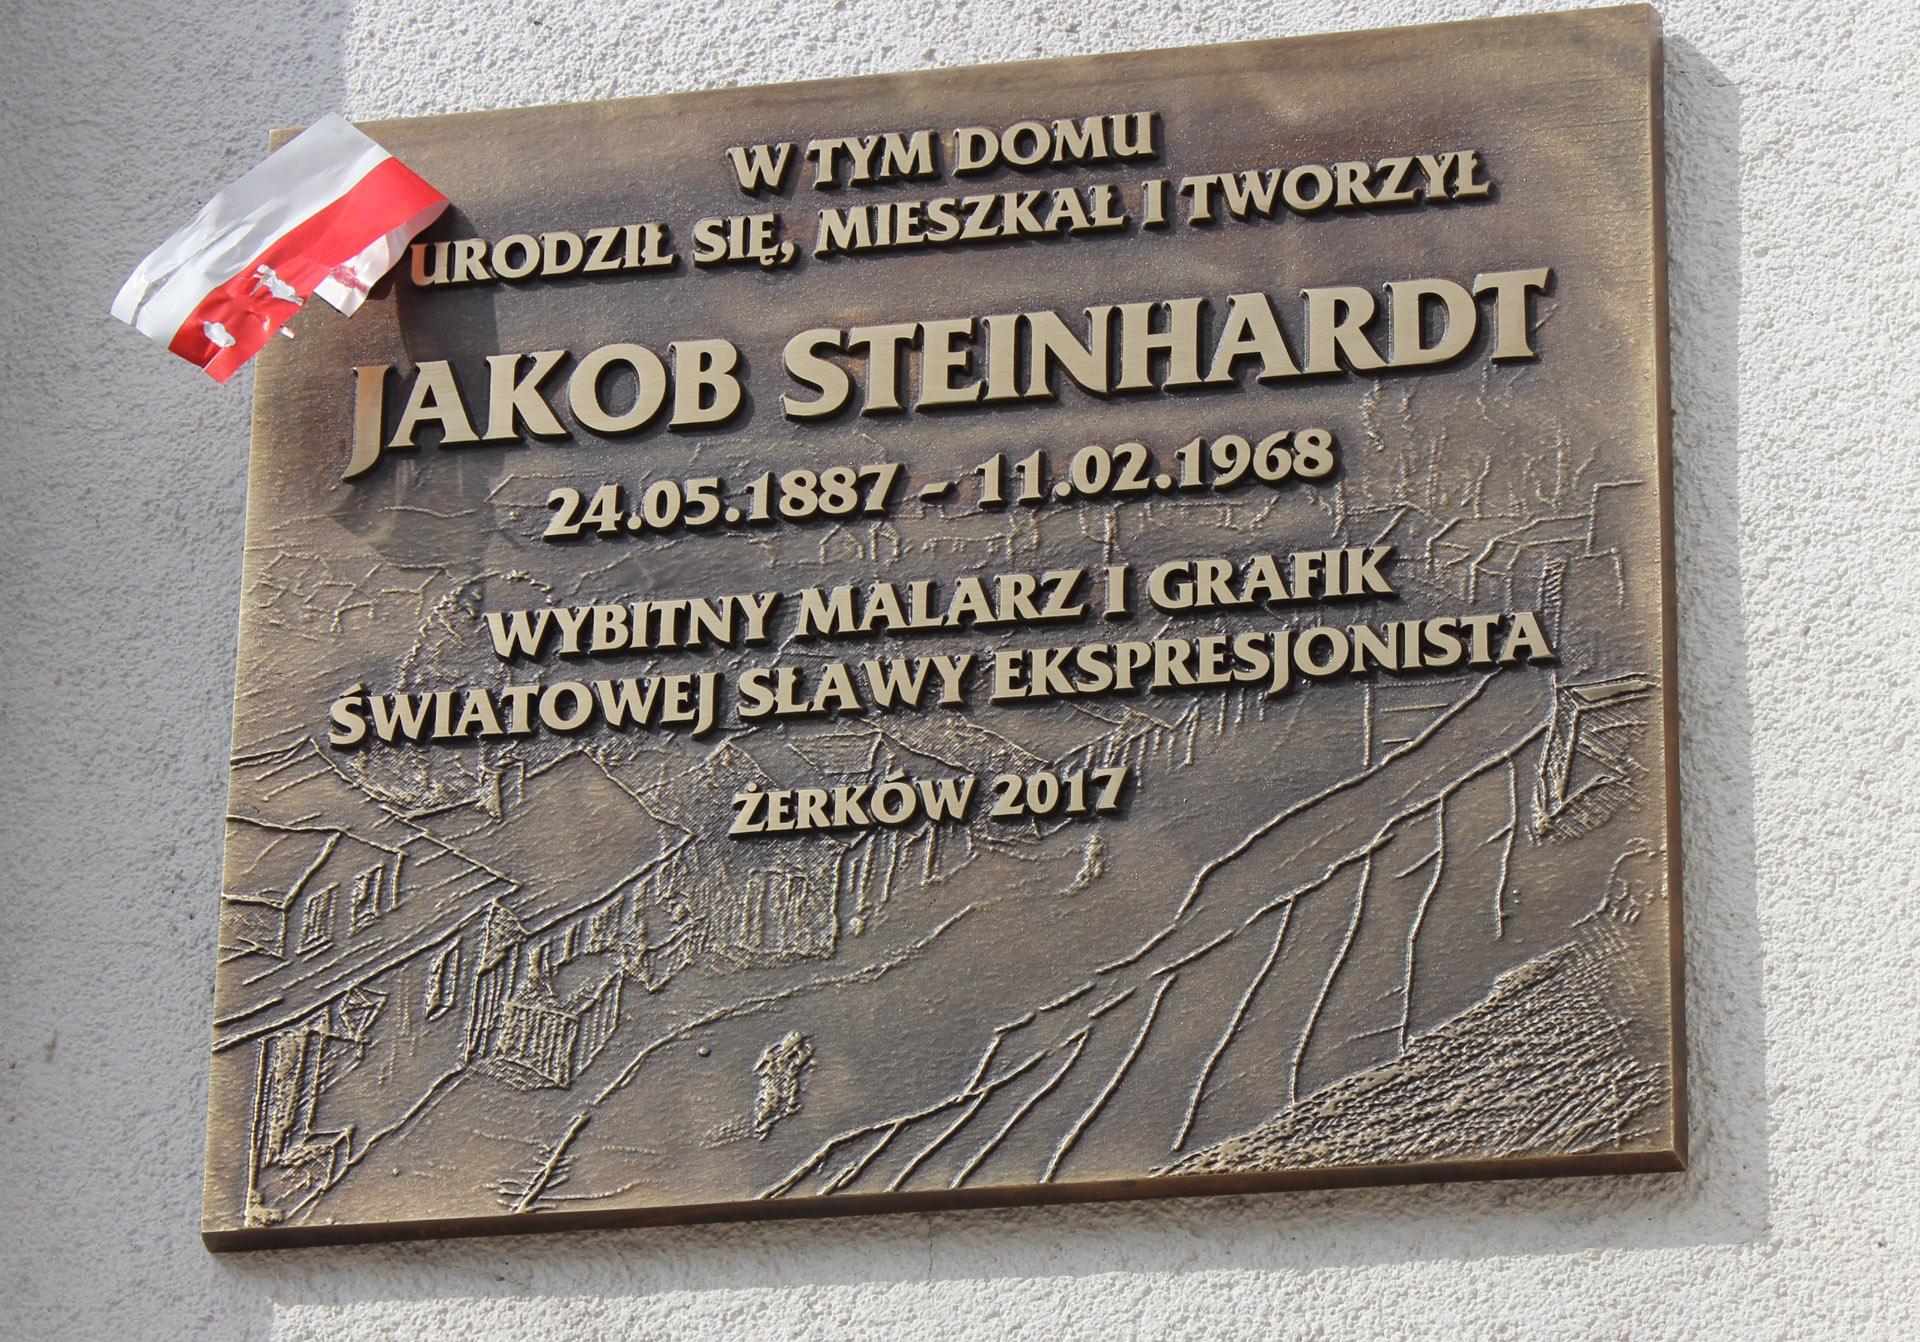 21 maja 2017 r.- Uroczyste obchody 130 rocznicy urodzin Jakoba Steinhardta